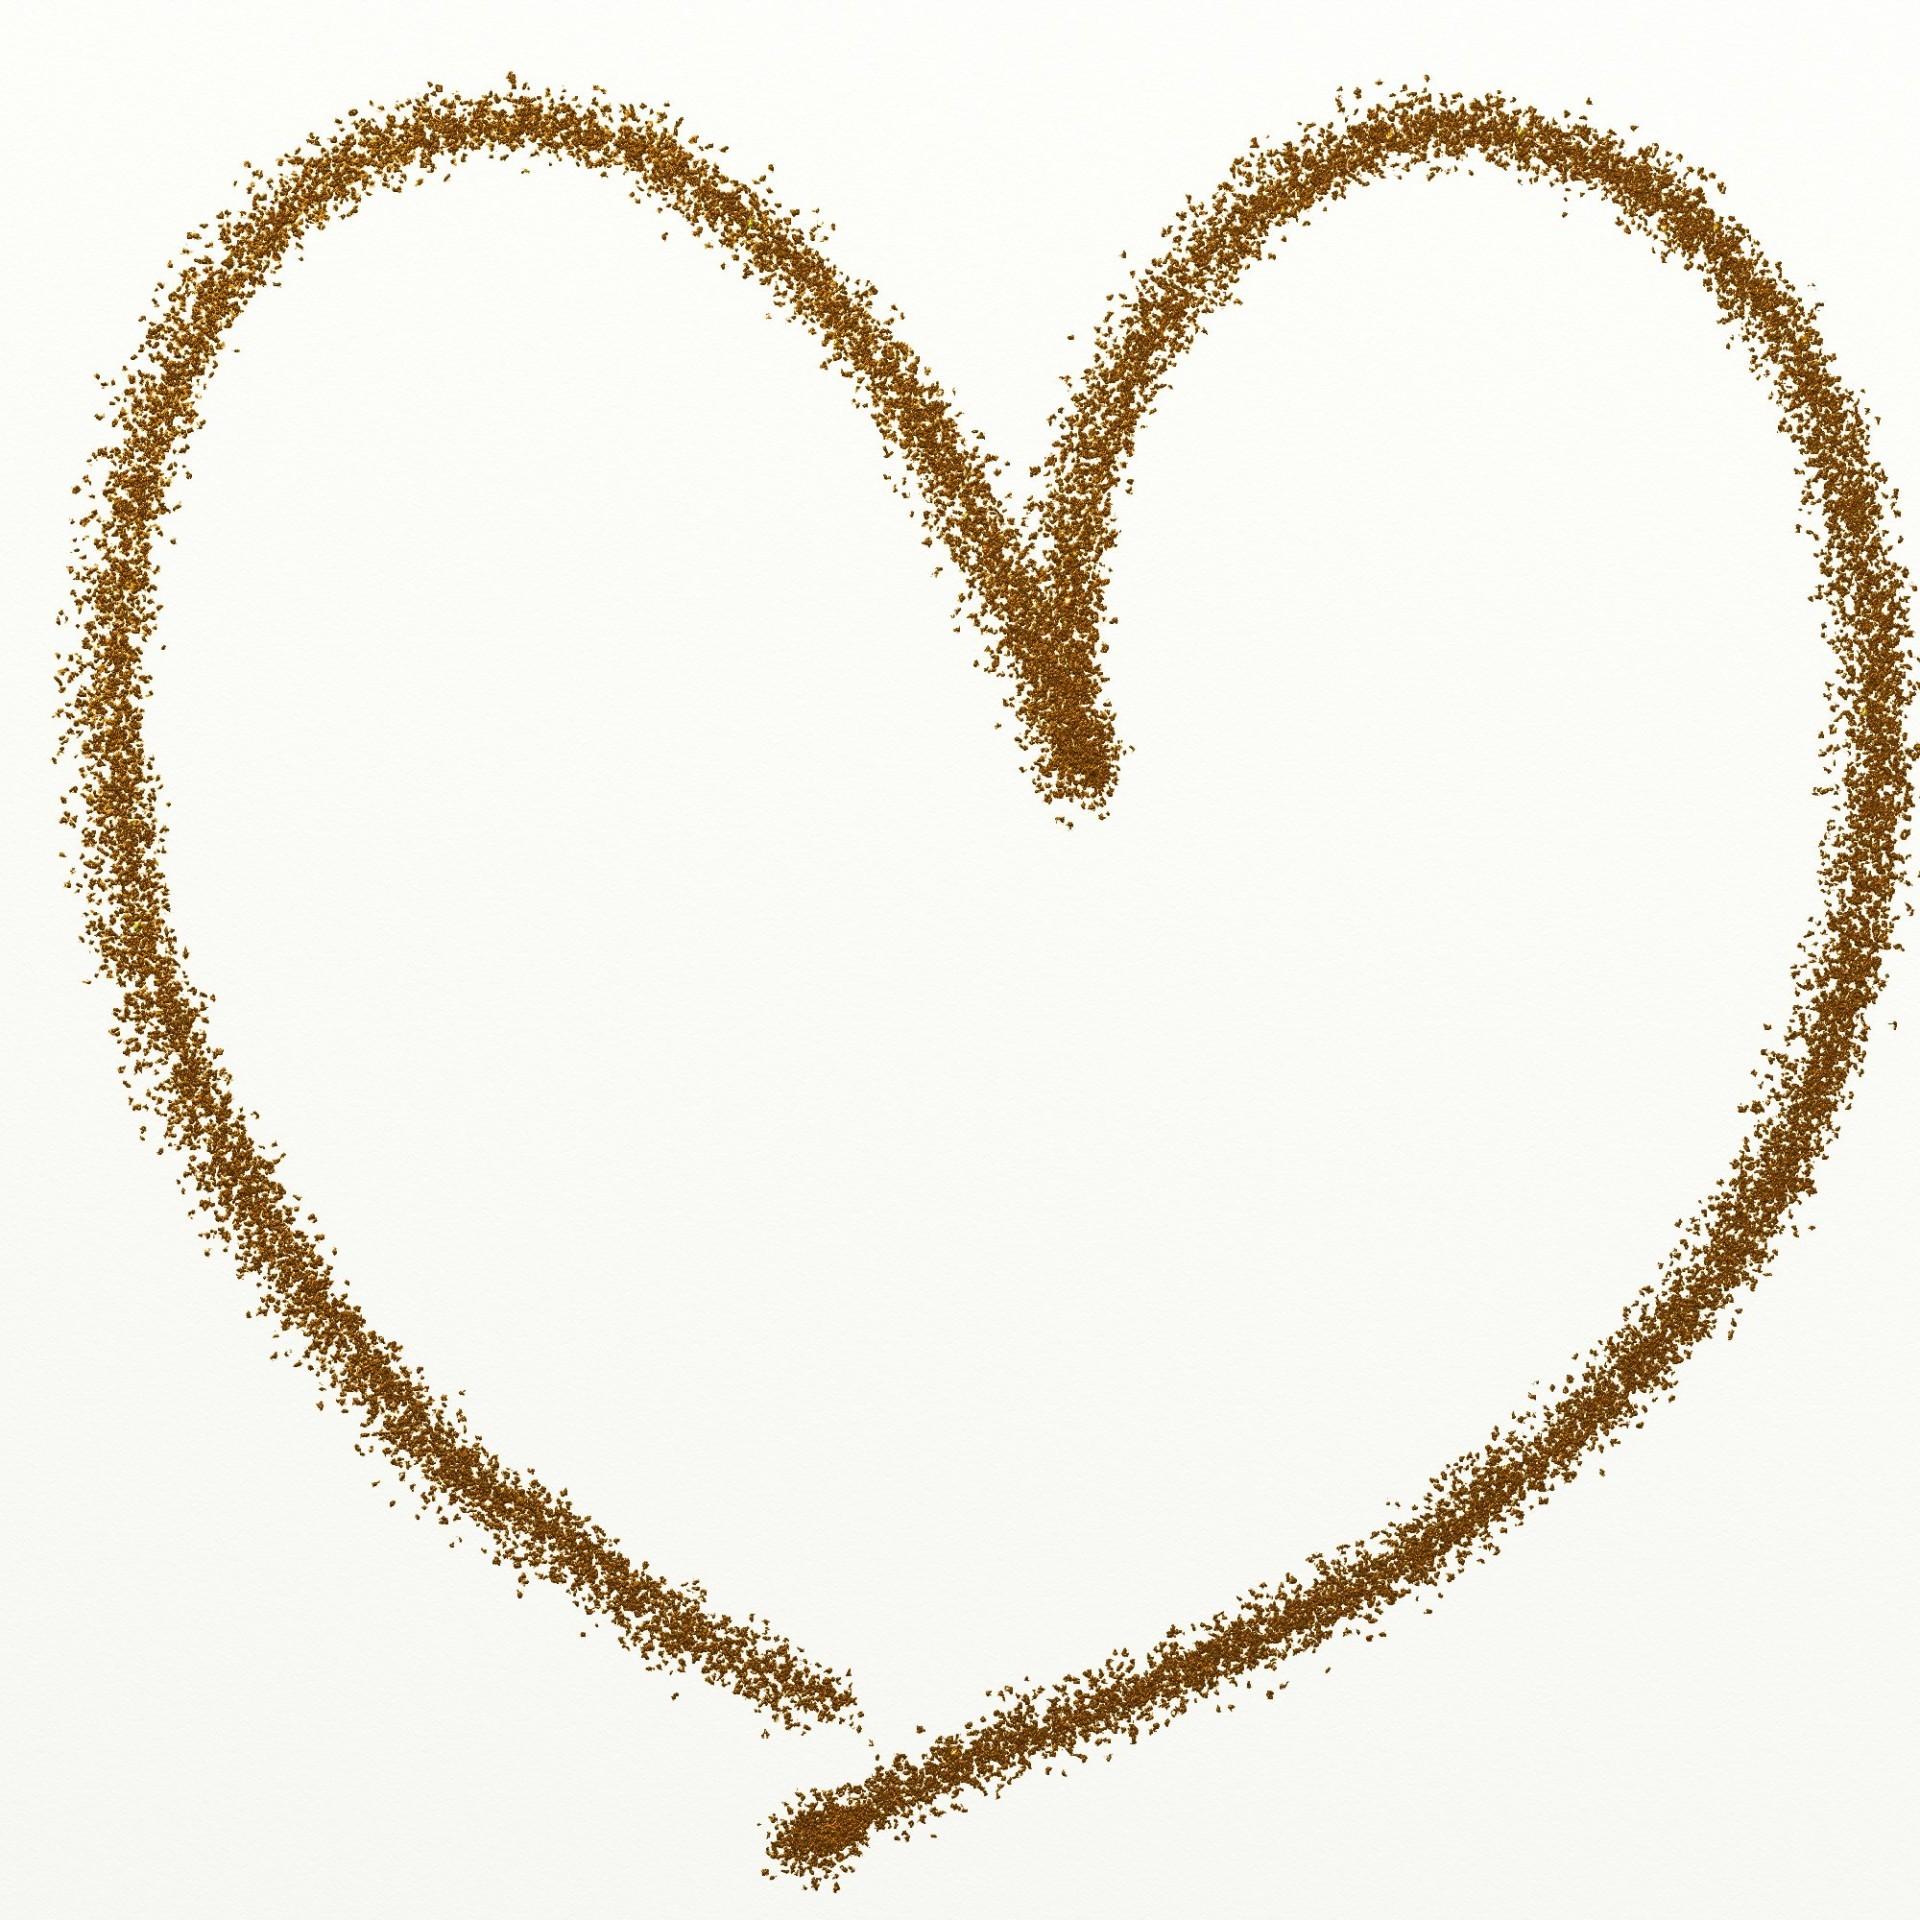 1920x1920 Golden Heart Transparent Clip Art Gallery Yopriceville High